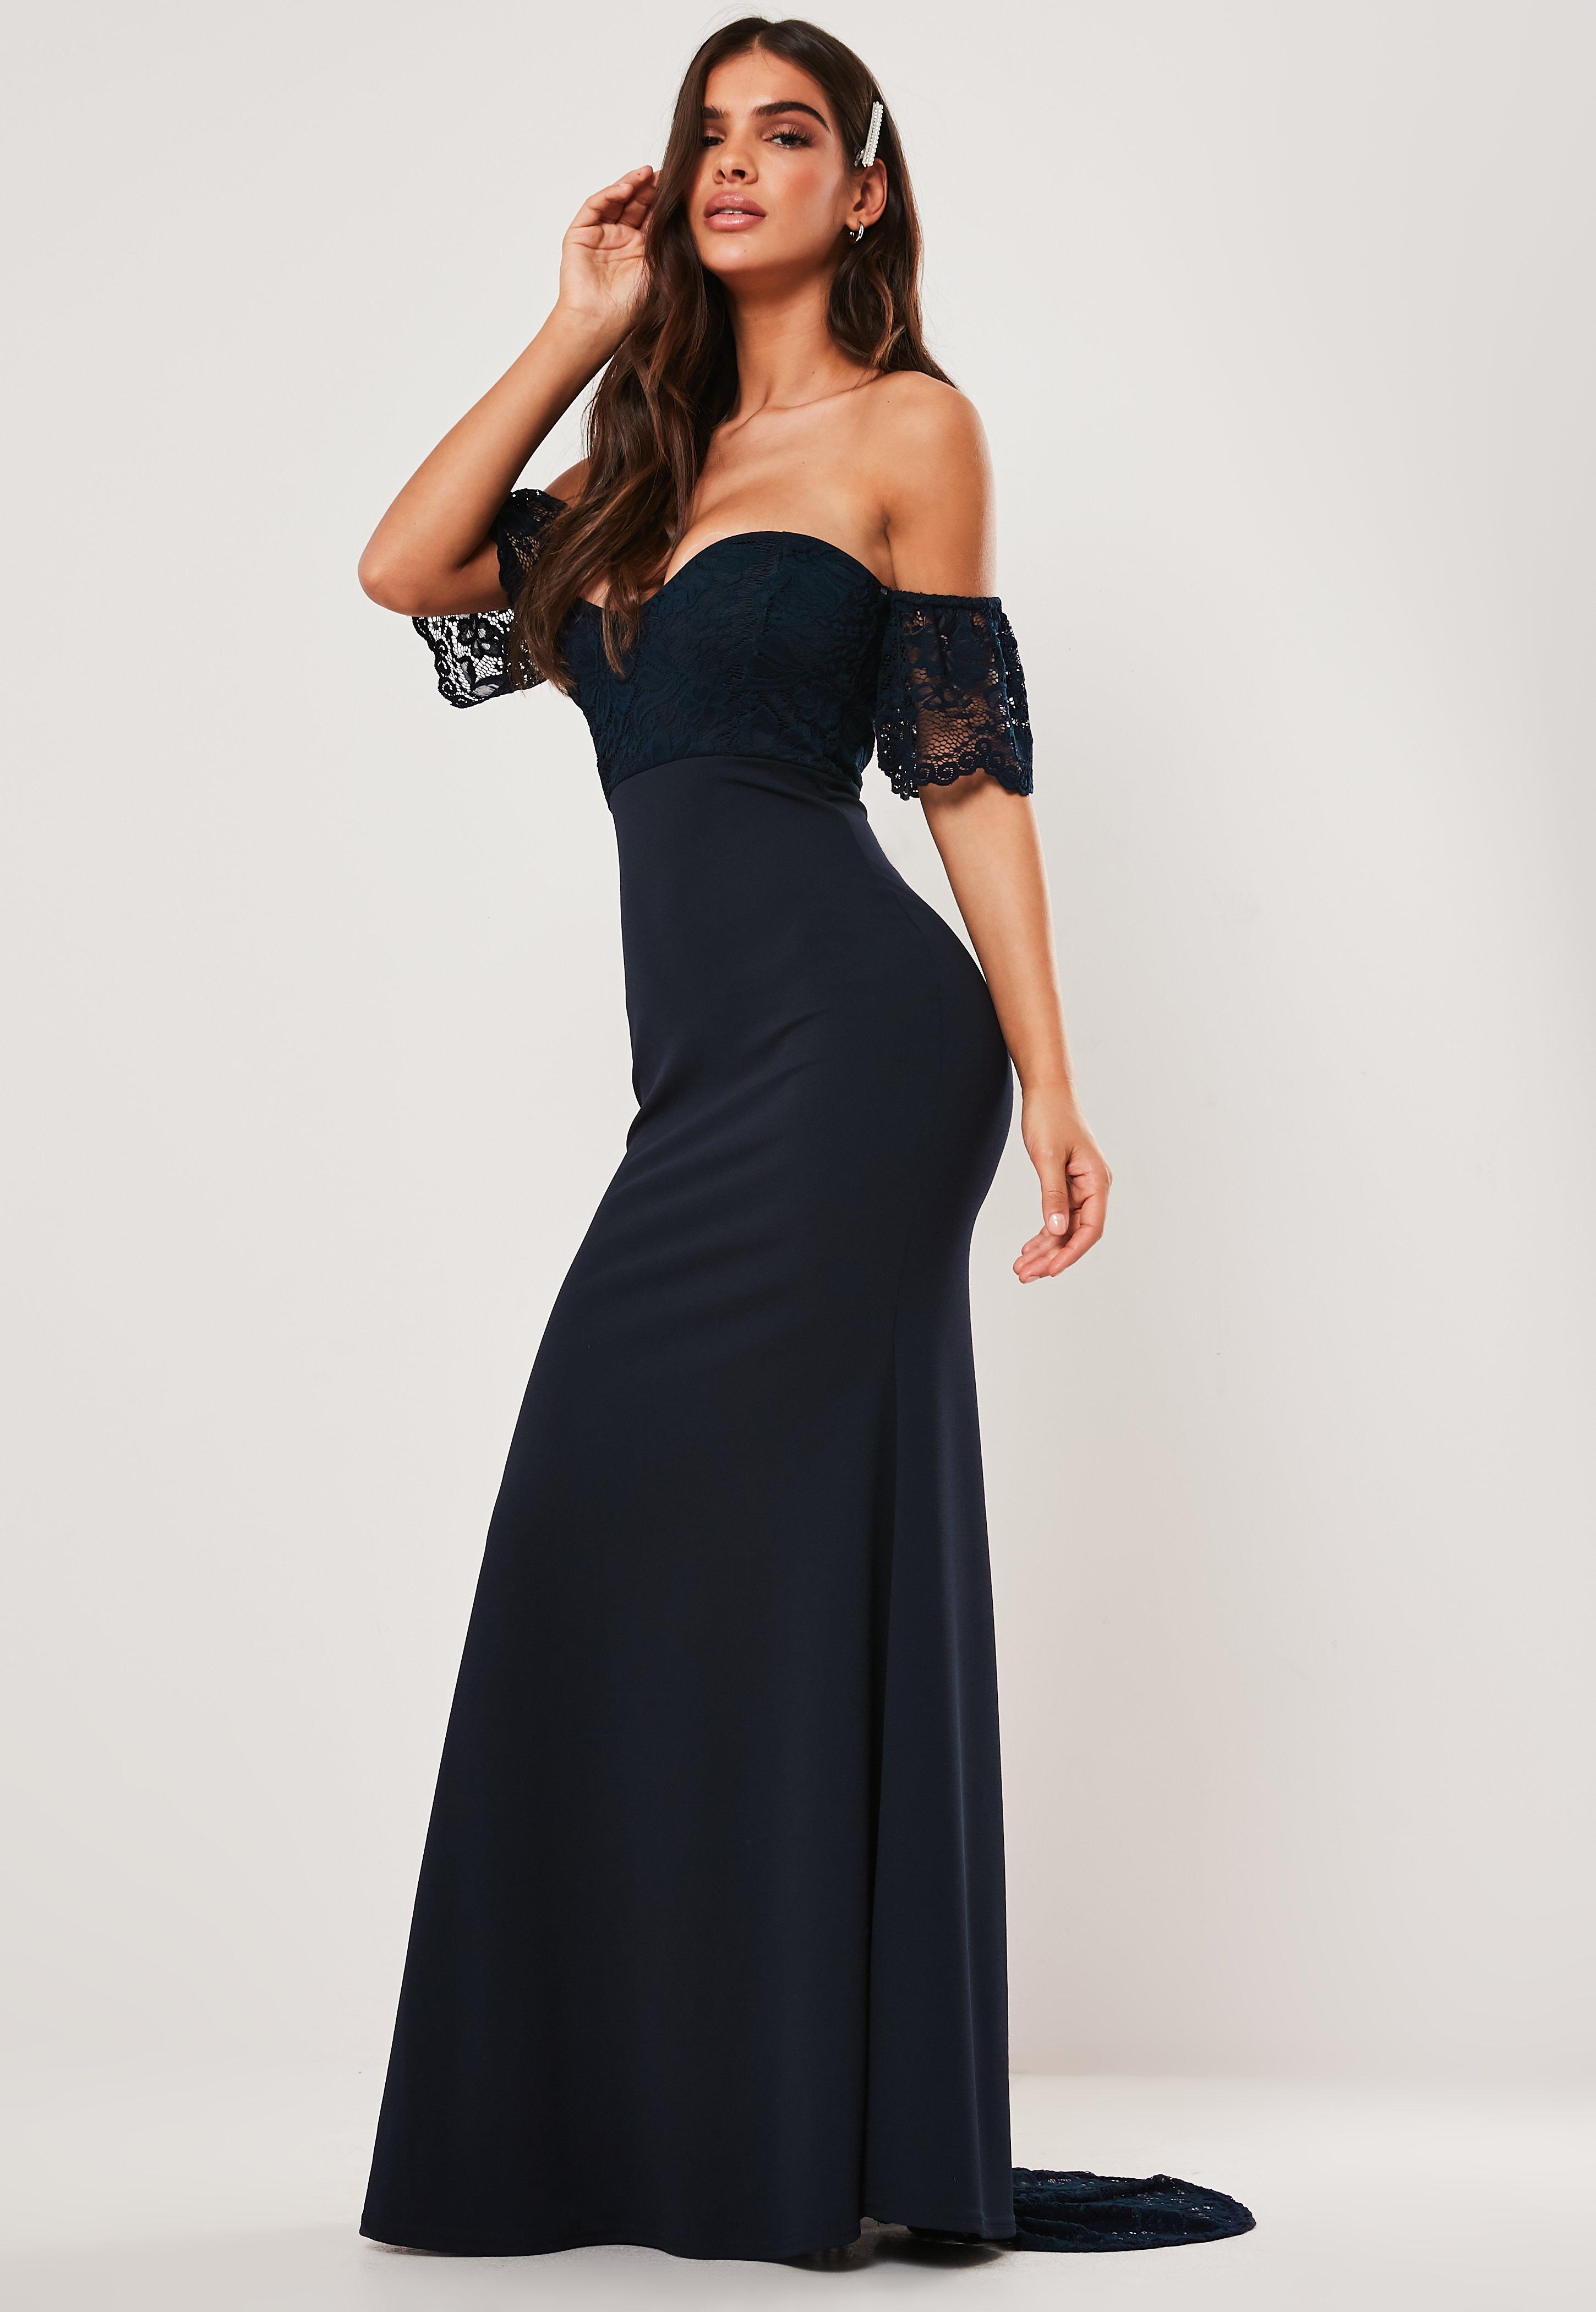 b866feb97638f1 Sukienki Online   Damskie Sukienki Na Każdą Okazję - Missguided PL